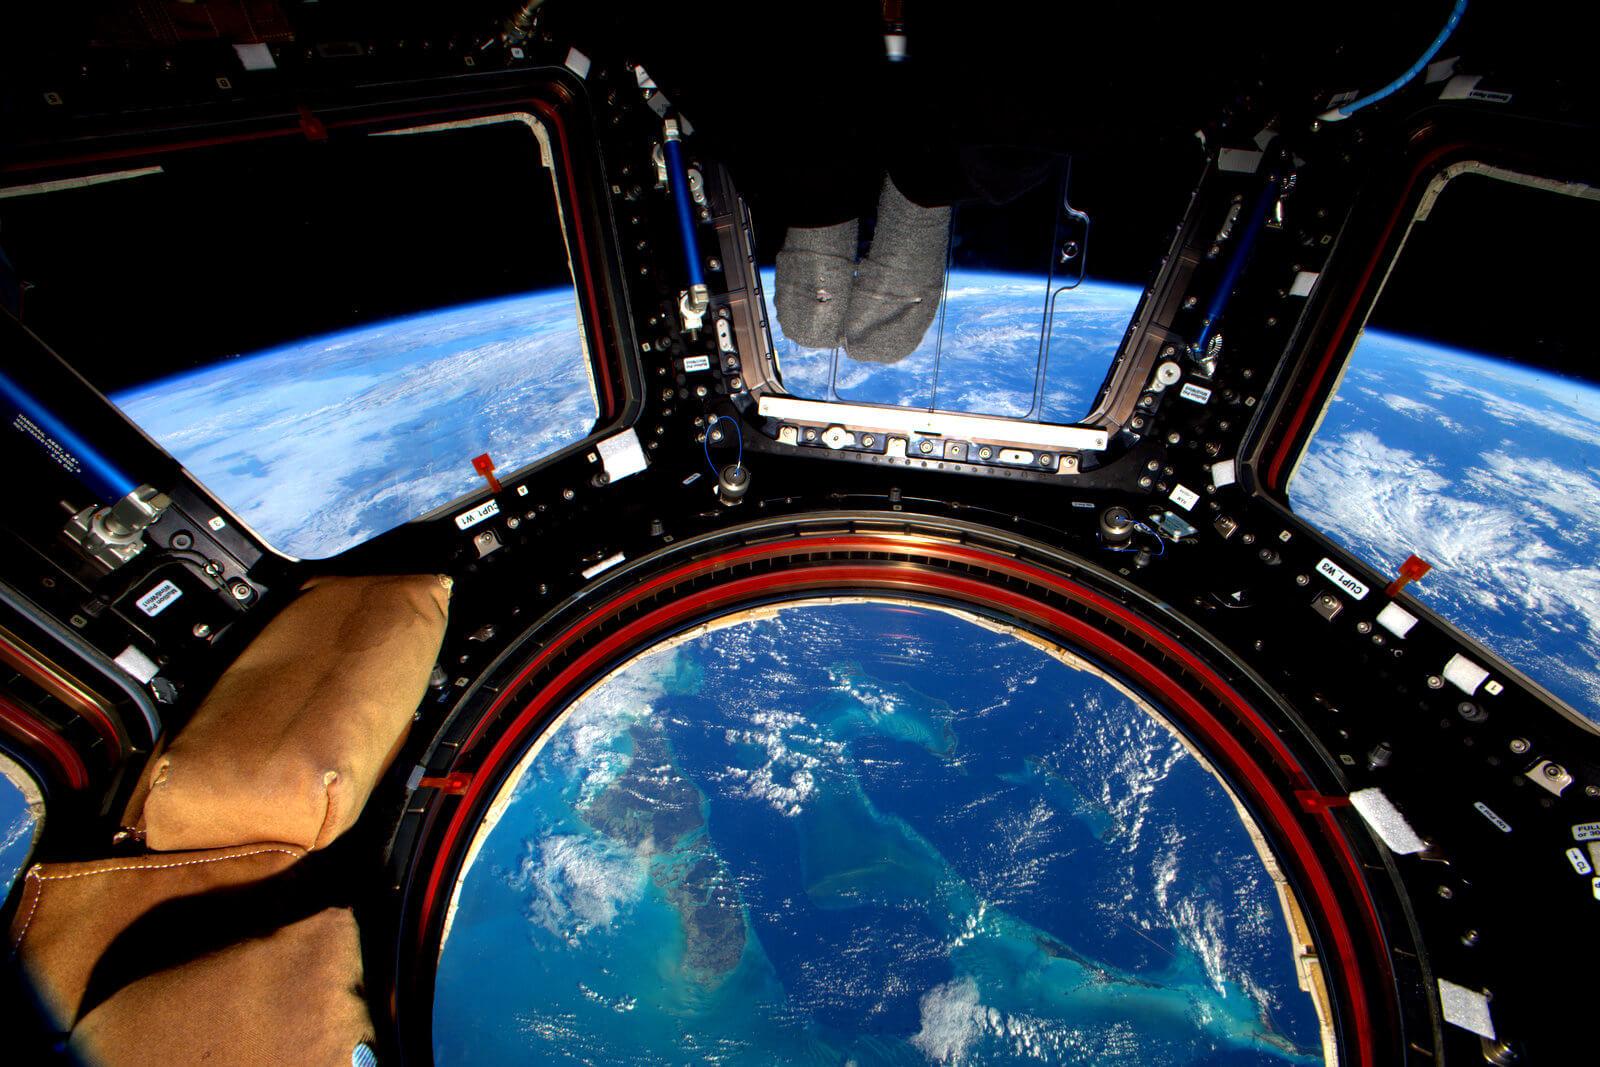 Bahamas observada desde a estação espacial internacional.